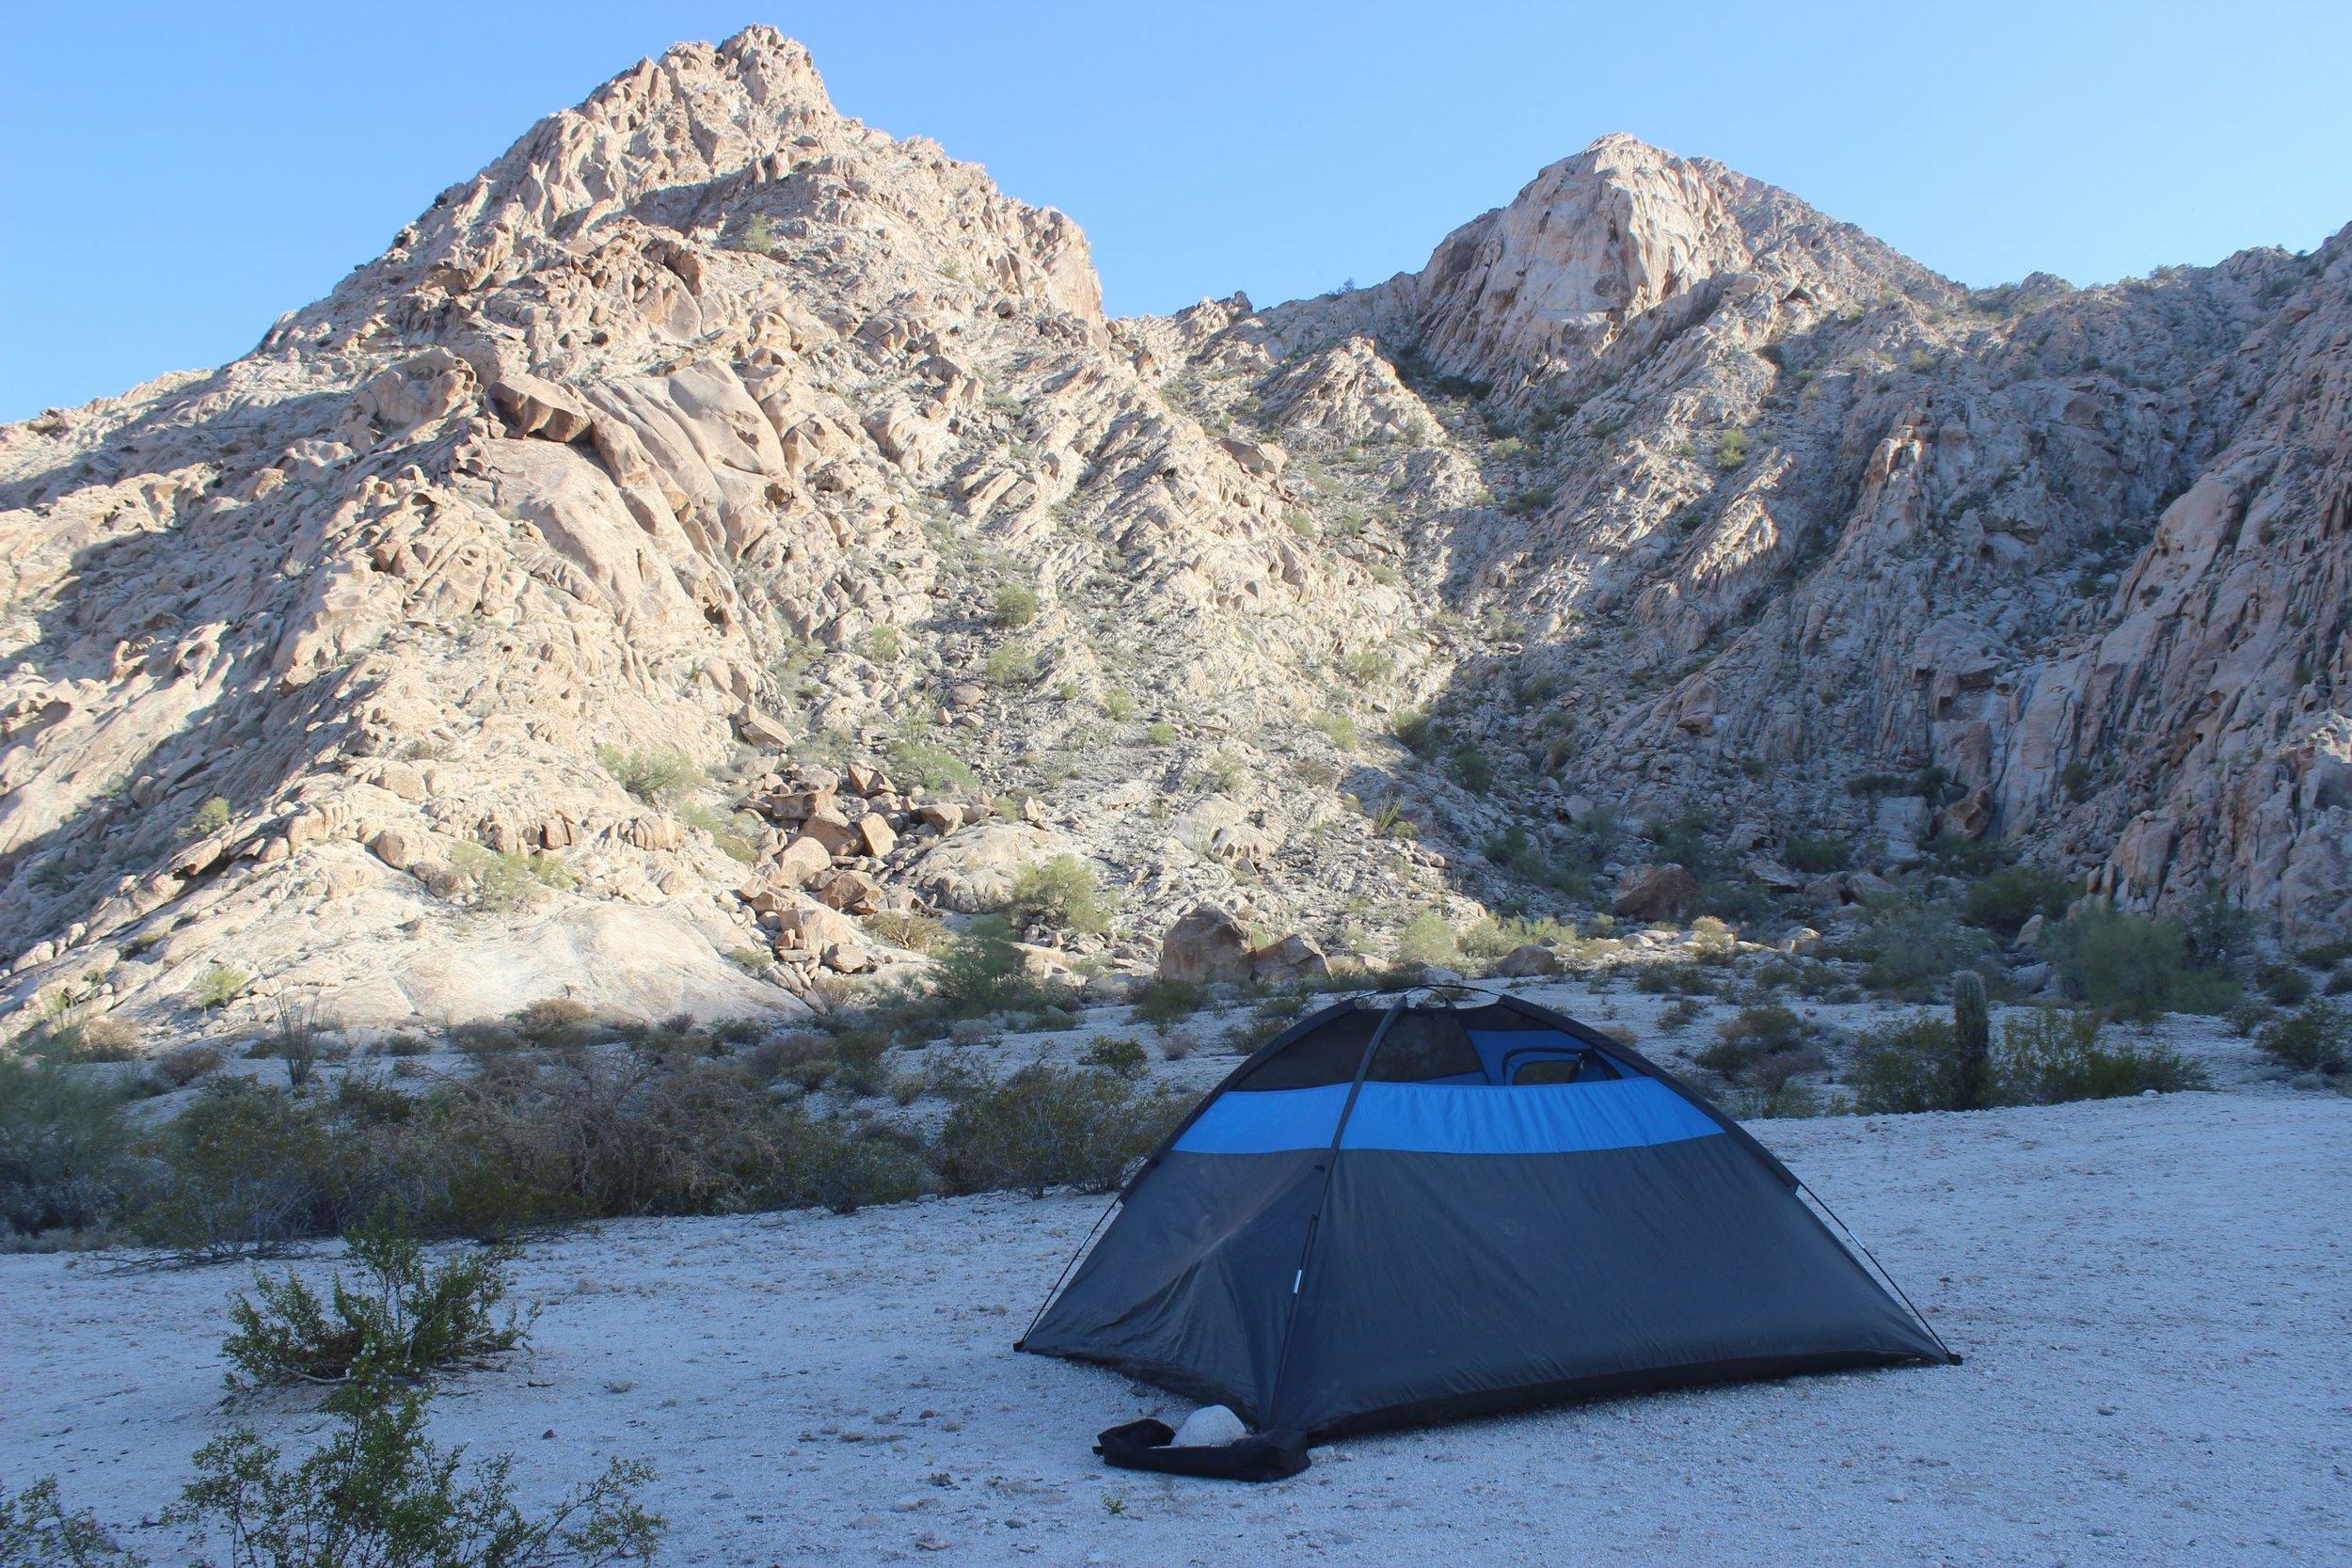 2nd night's camp at Tinajas Altas.